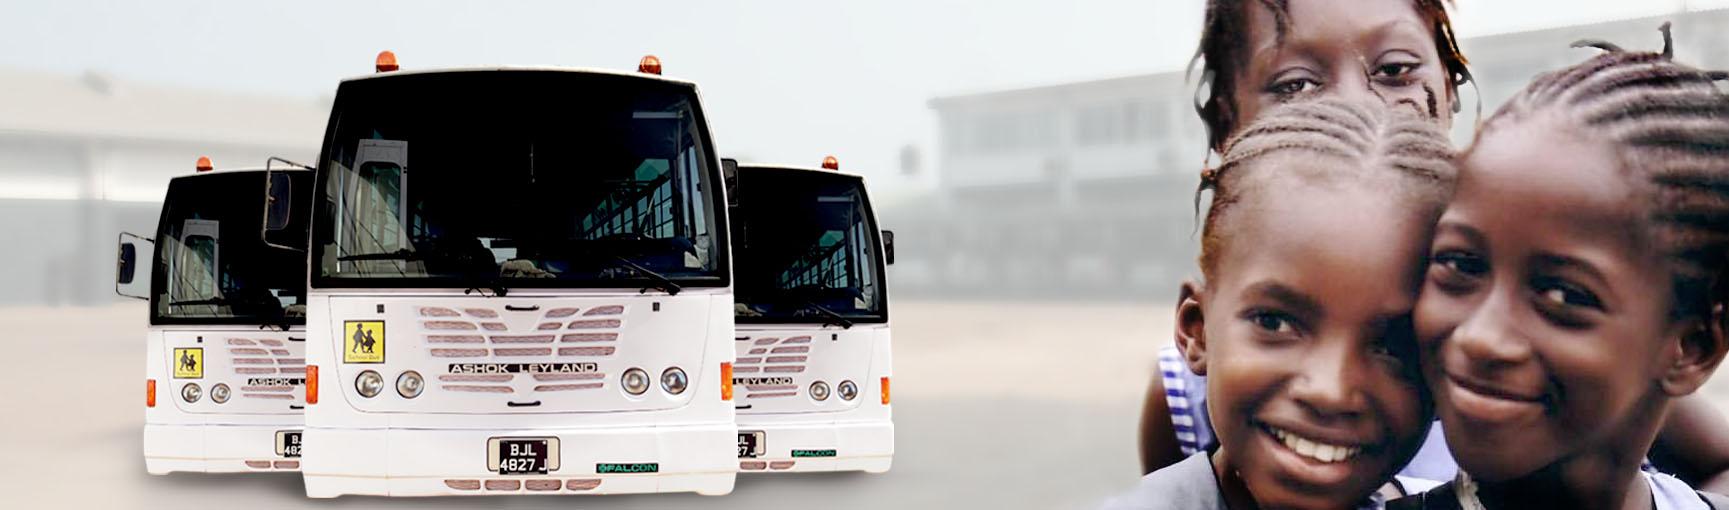 GTSC-BANNER-SCHOOL-BUS